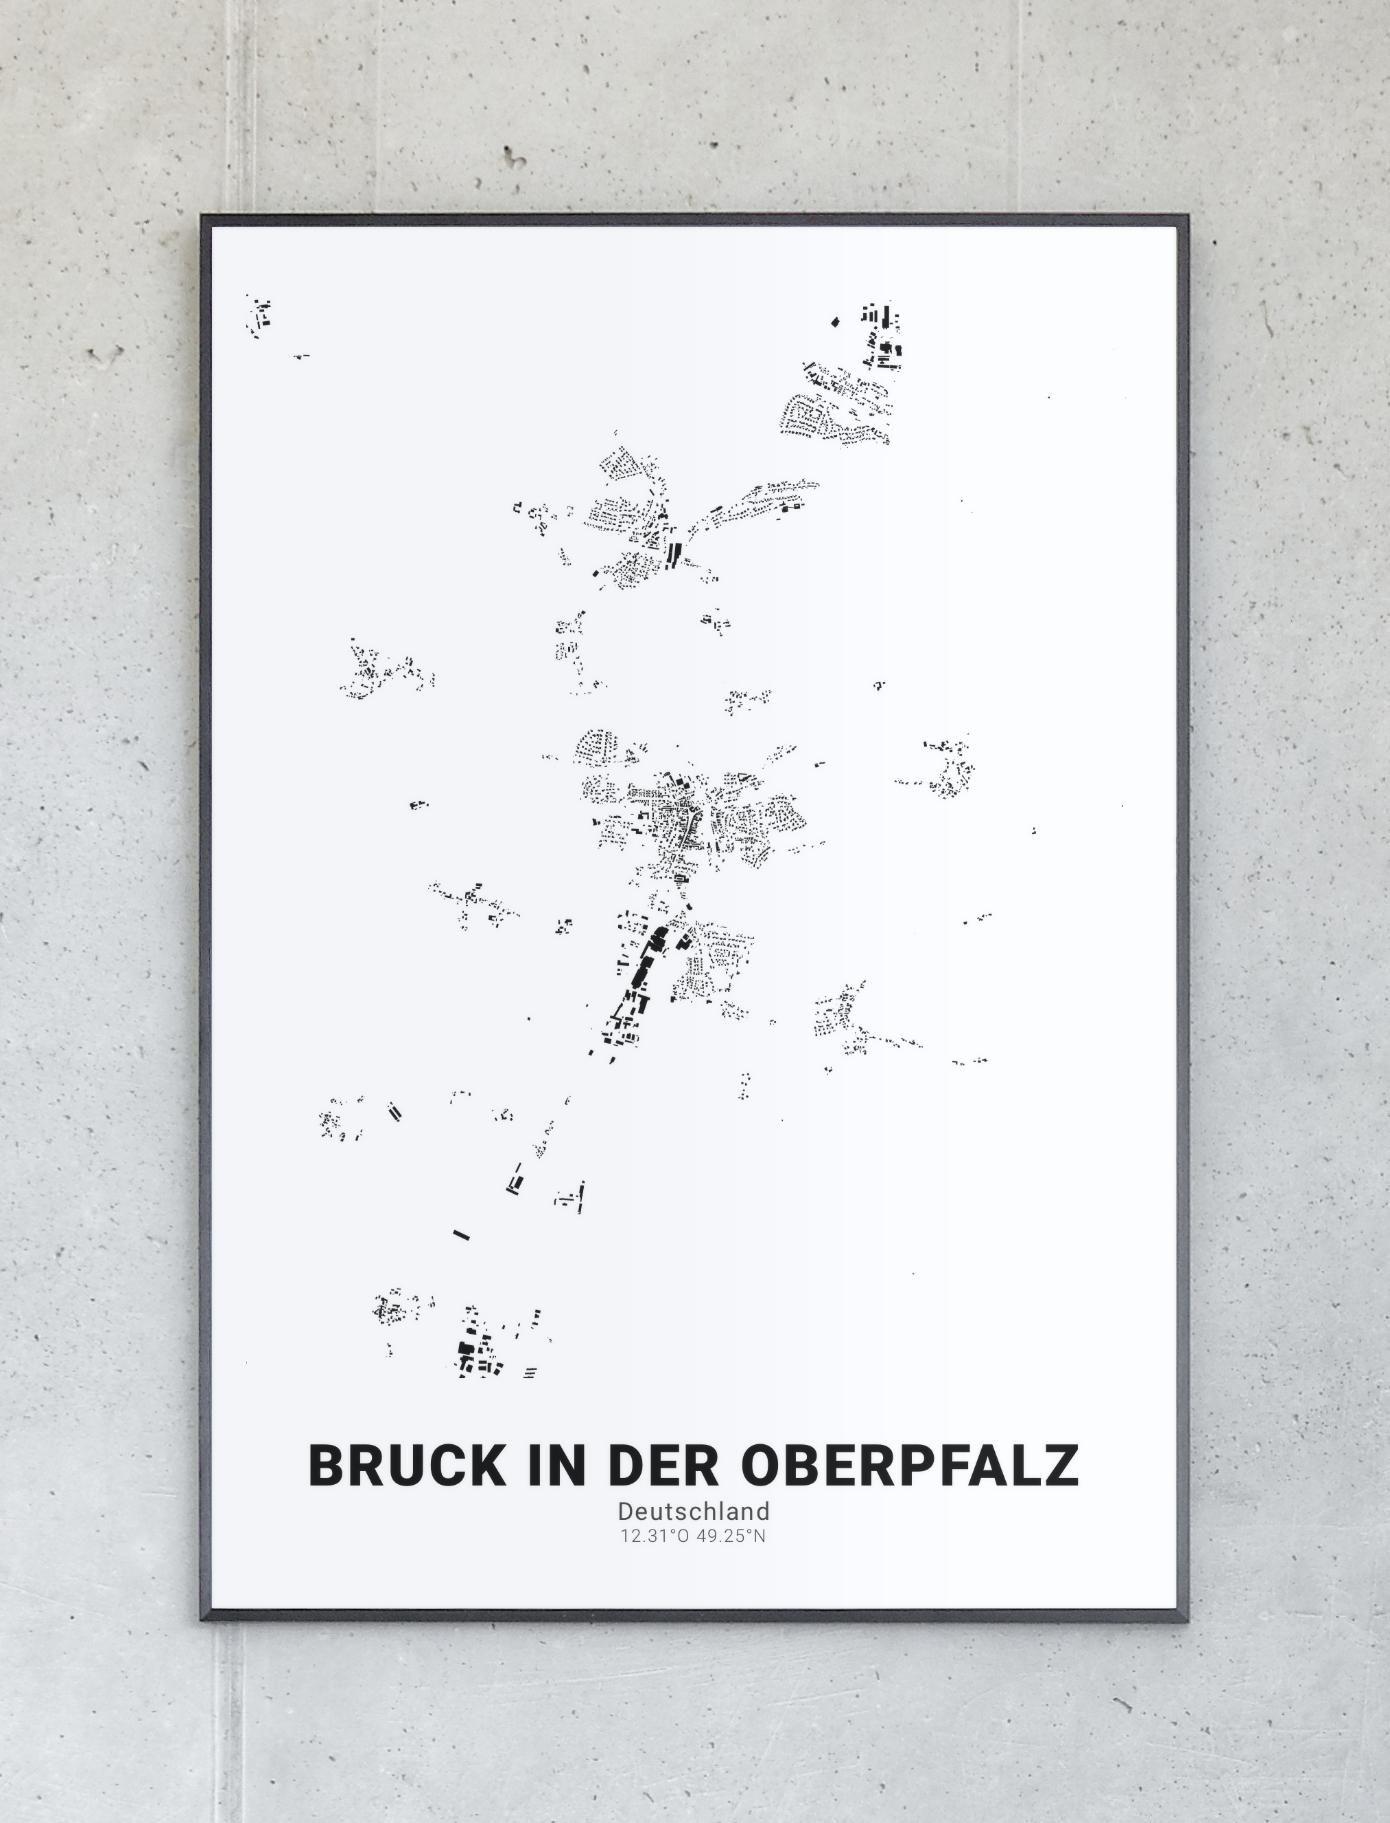 Schwarzplan Von Bruck In Der Oberpfalz Oberpfalz Pfalz Und Planer